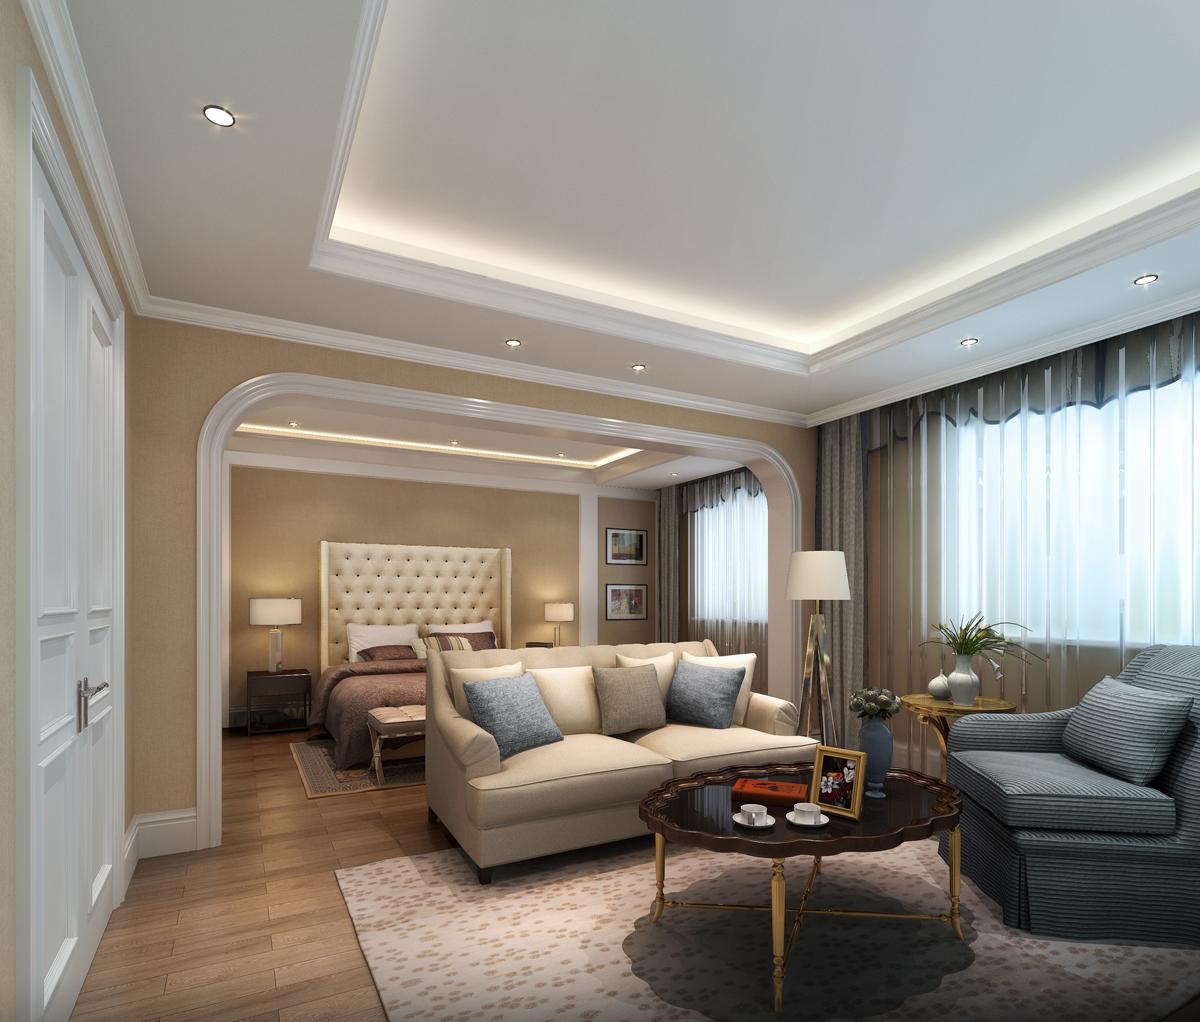 简约 美式 别墅 卧室图片来自轻舟装饰-90后的华仔在亚运新新家园-480平米-简美风格的分享